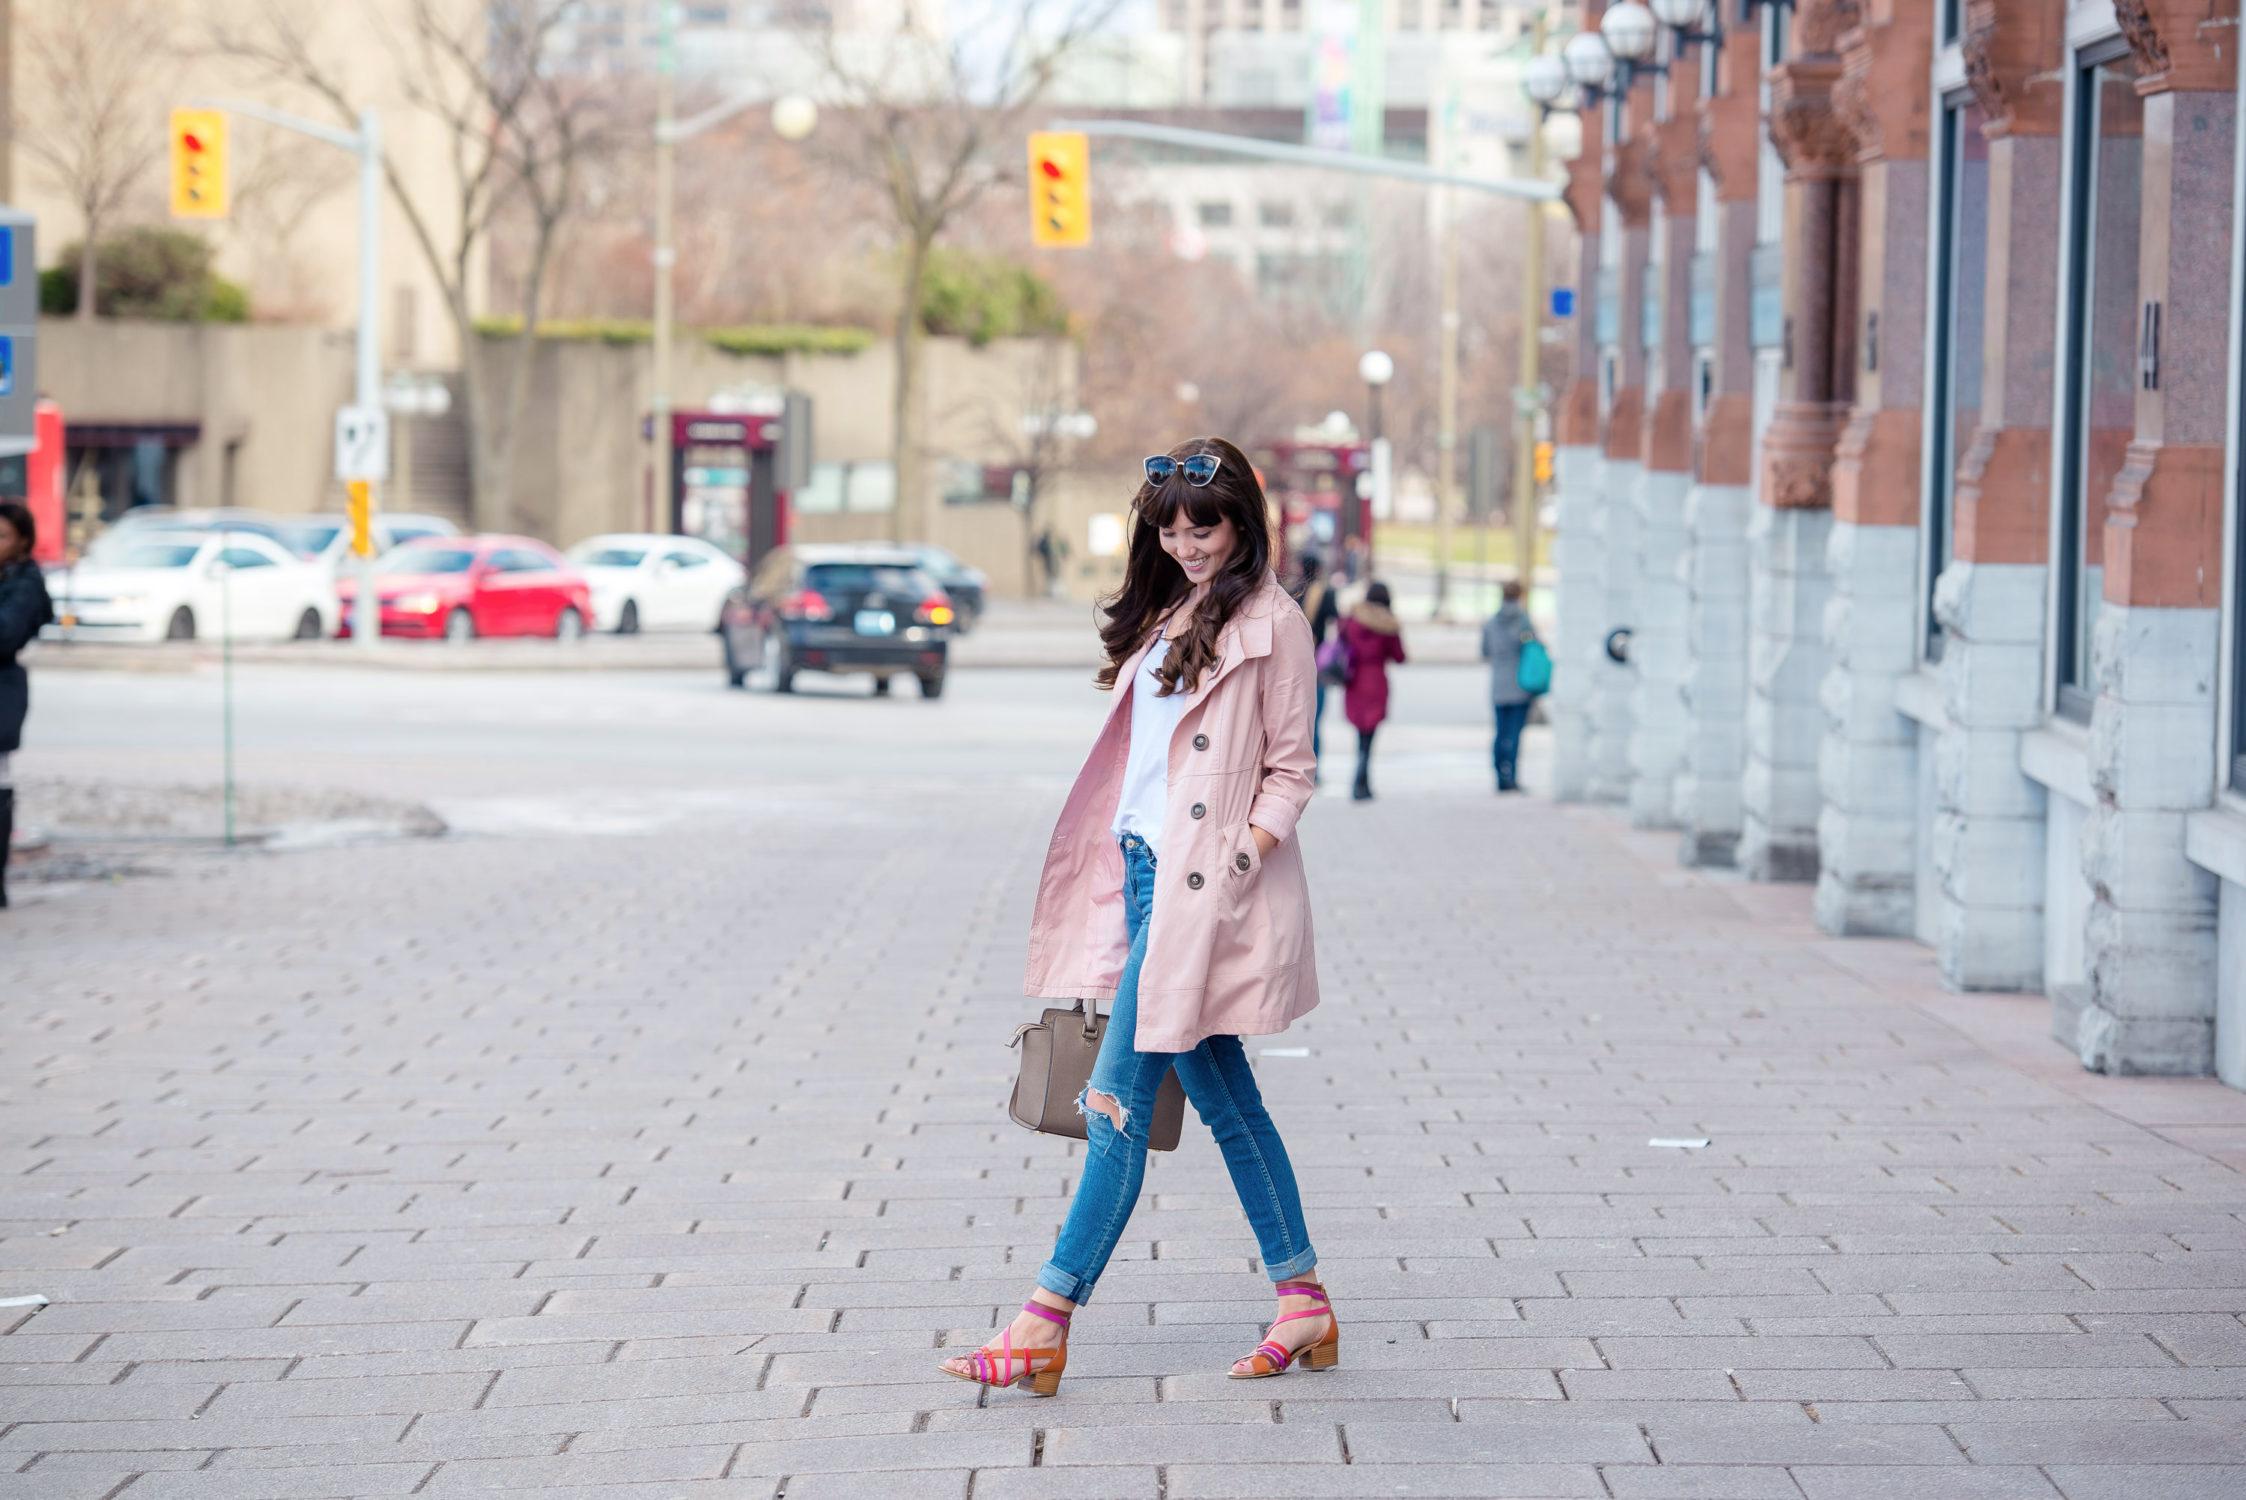 ottawa fashion blogger - mariesbazaar - marie ernst